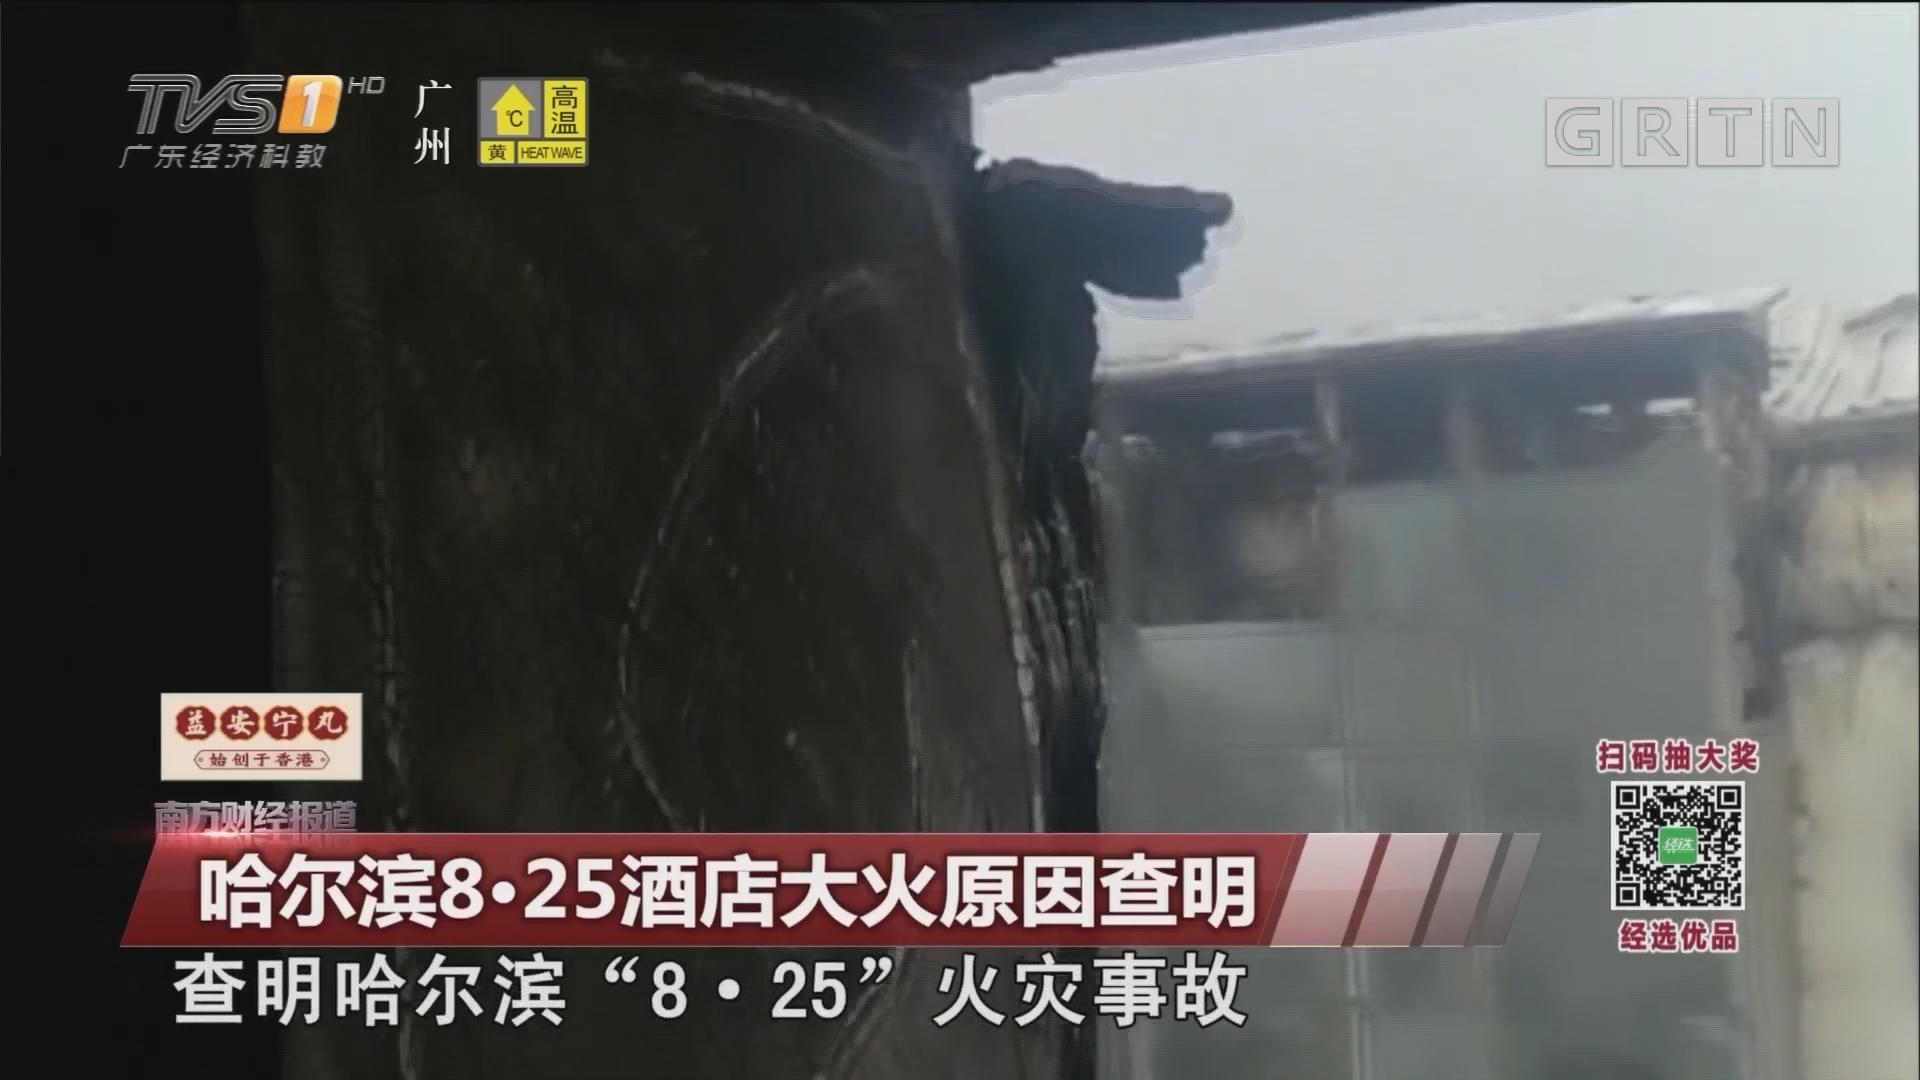 哈尔滨8·25酒店大火原因查明